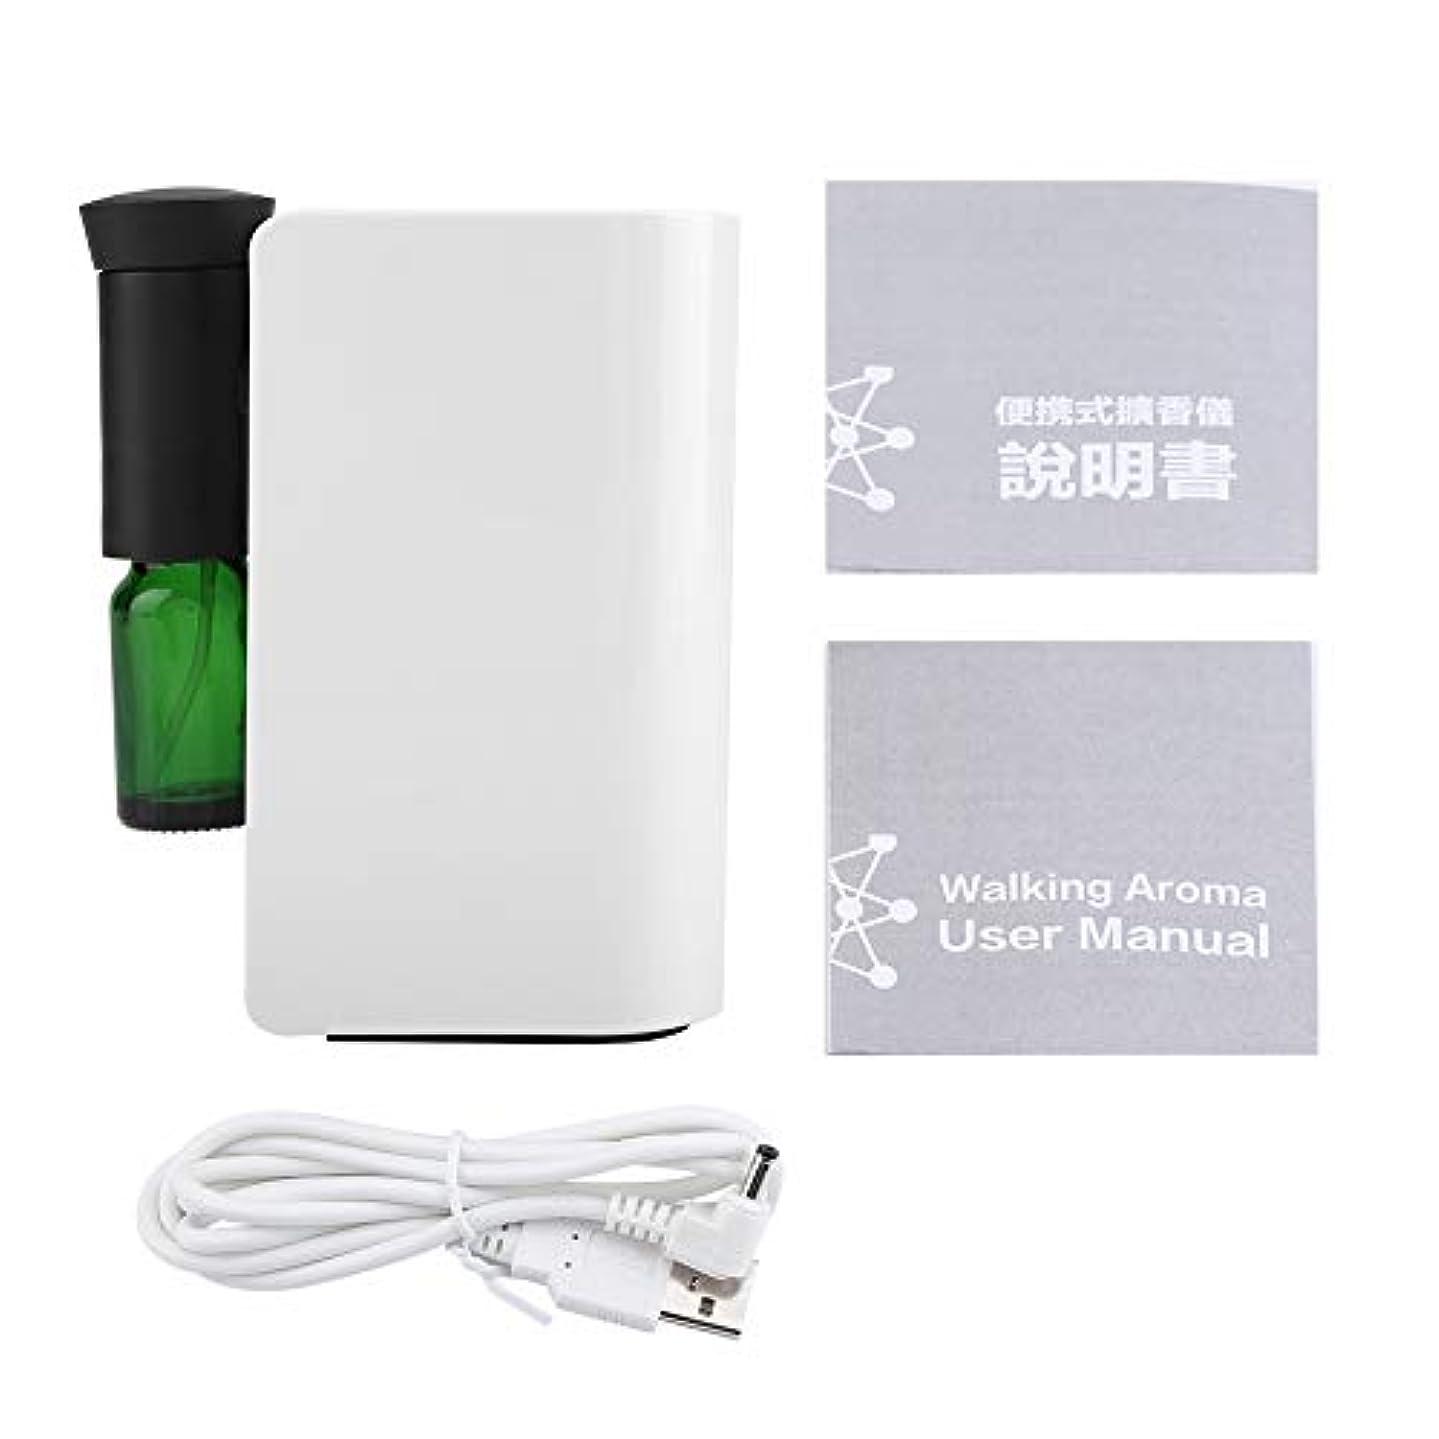 イーウェル広告主用心するアロマディフューザー usb充電式 100ml 精油 エッセンシャルオイル用 自動アロマディスペンサー用 部屋 オフィス(ホワイト)